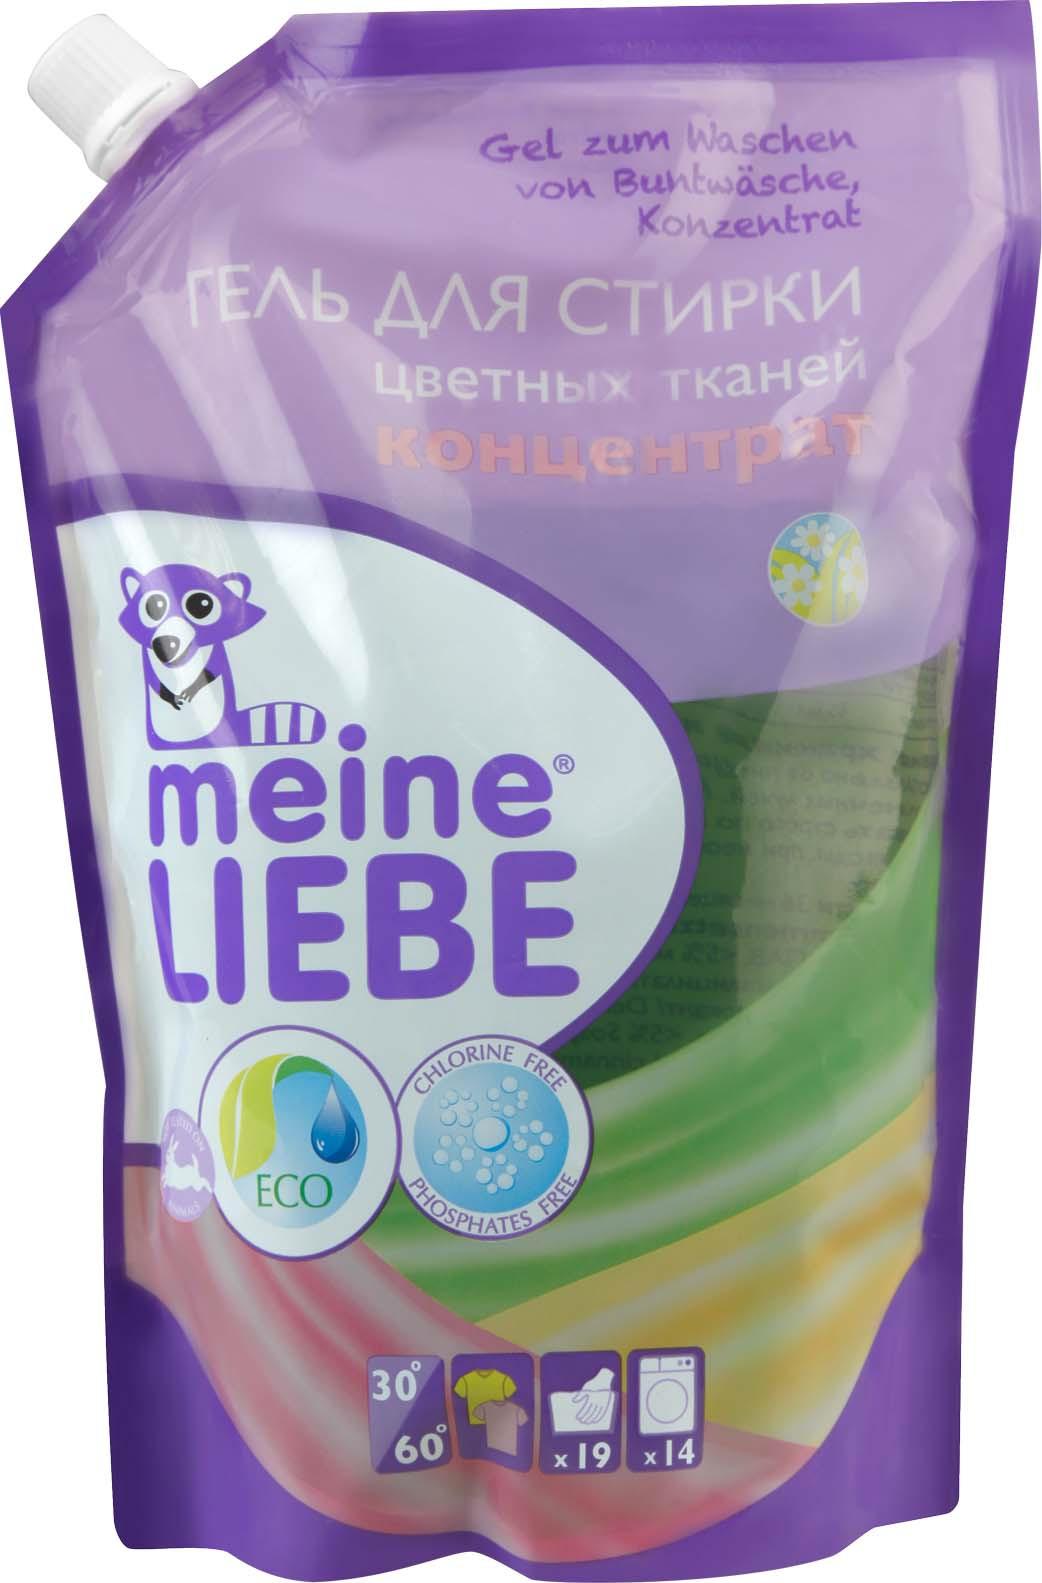 Гель для стирки Meine Liebe, концентрат, для цветного белья, 750 мл гель для мытья посуды meine liebe концентрат гранат и цветы шиповника 500 мл